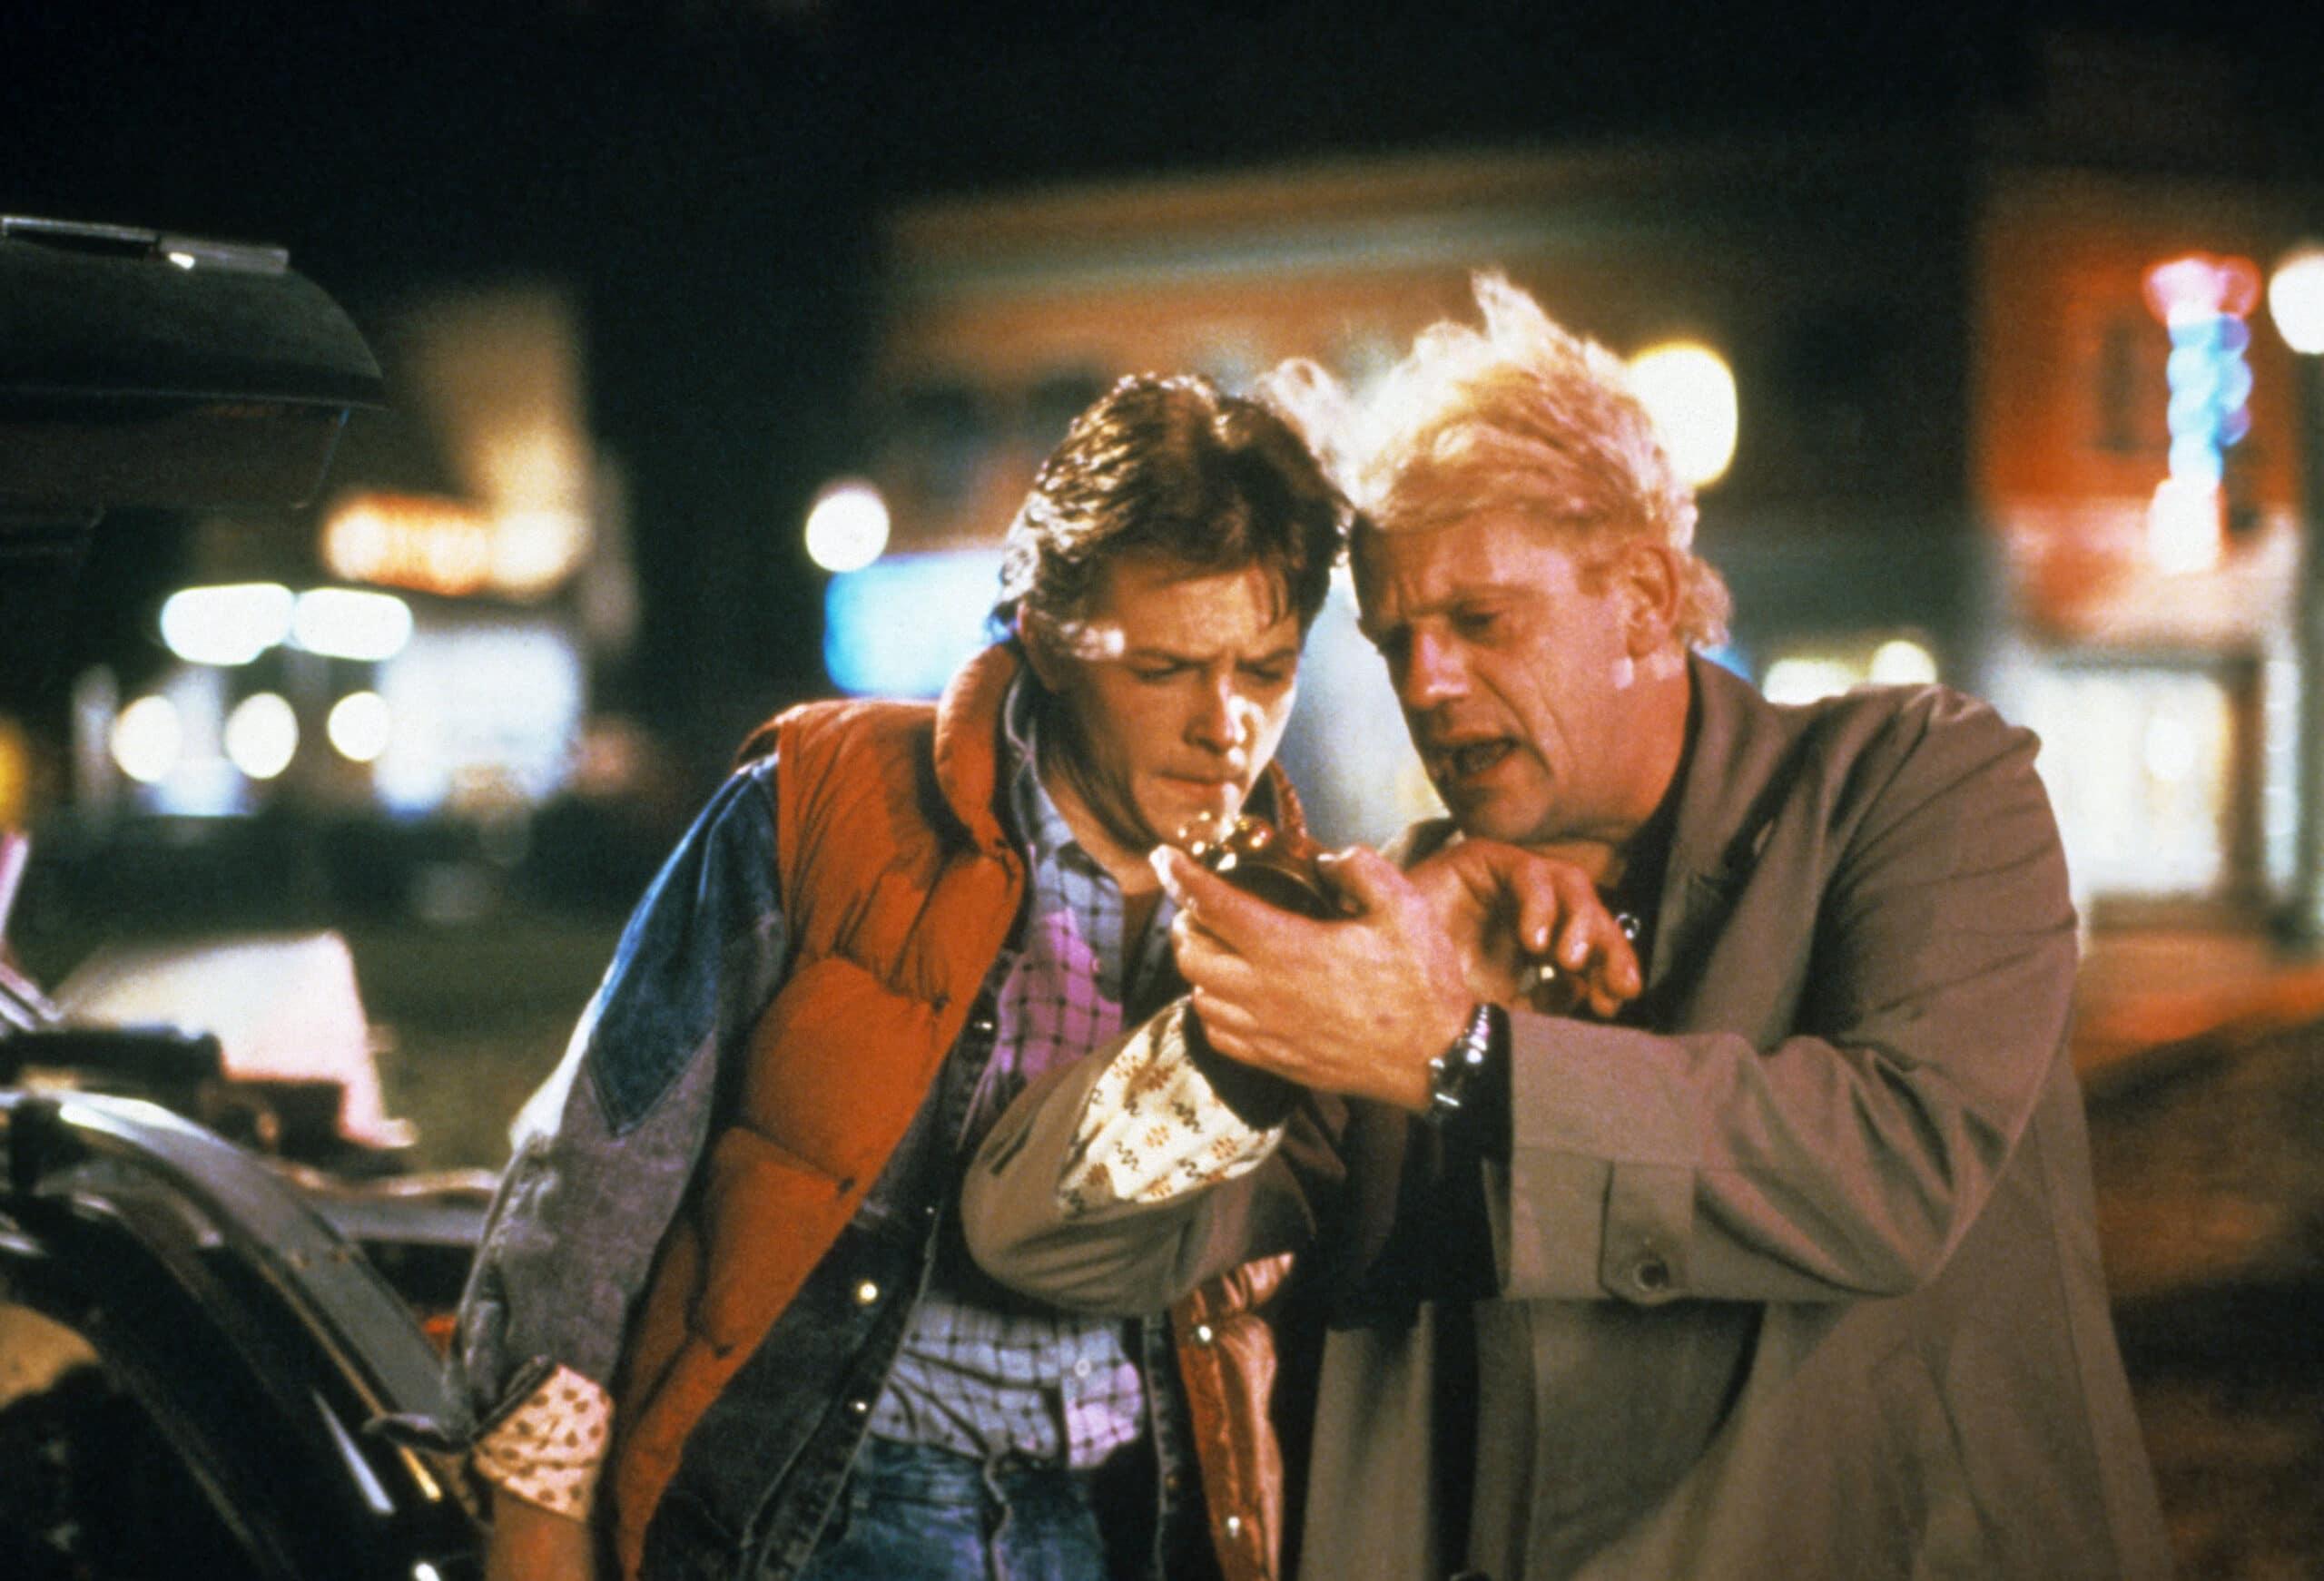 Michael J. Fox Is No Longer Pursuing Acting Roles Amid Parkinson's Battle